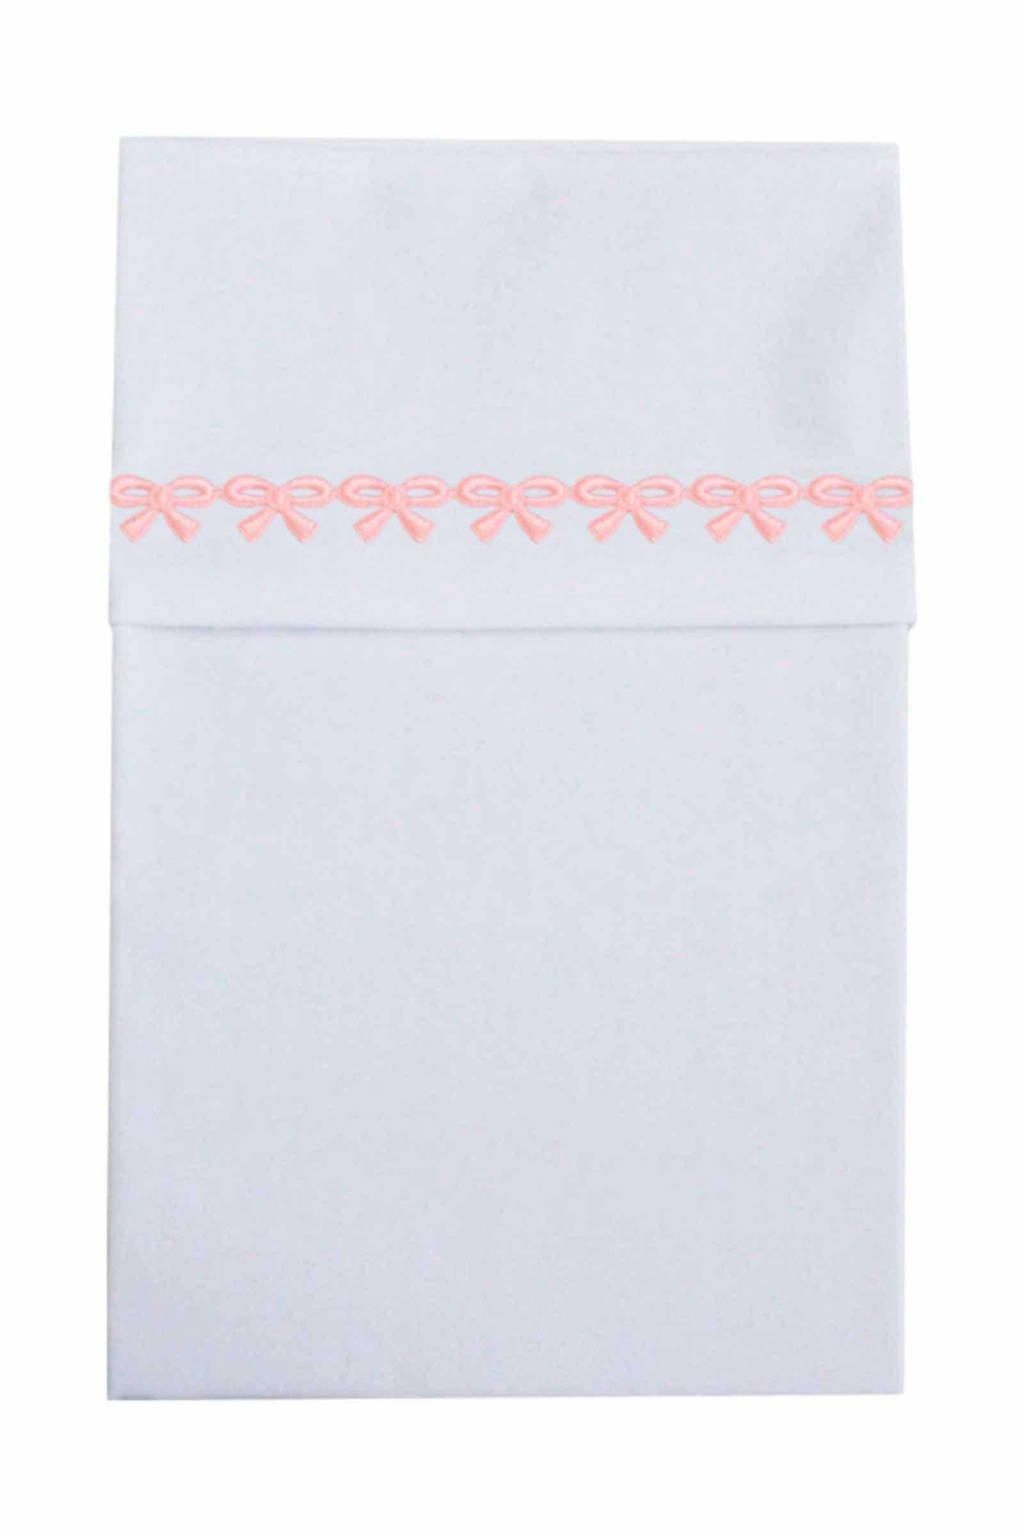 Cottonbaby wieglaken met strikjesband roze, Wit/roze